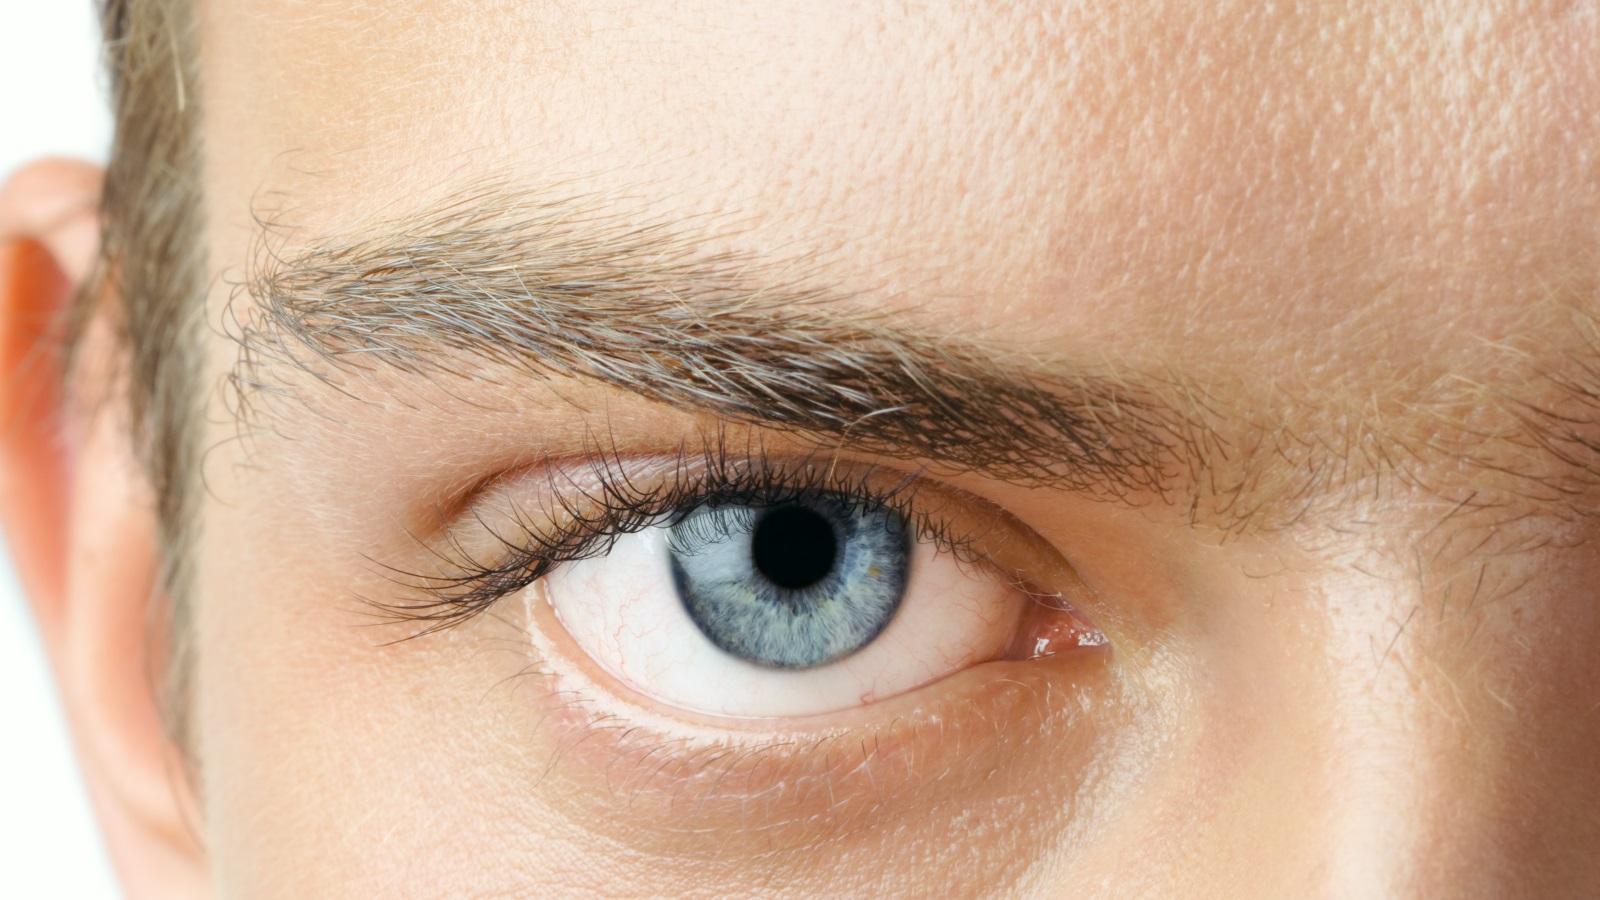 <p>&quot;Цветът на очите може да се окаже ключова характеристика в търсенето на партньор&quot;, отбелязва Брад Дайбър от изследователския екип.</p>